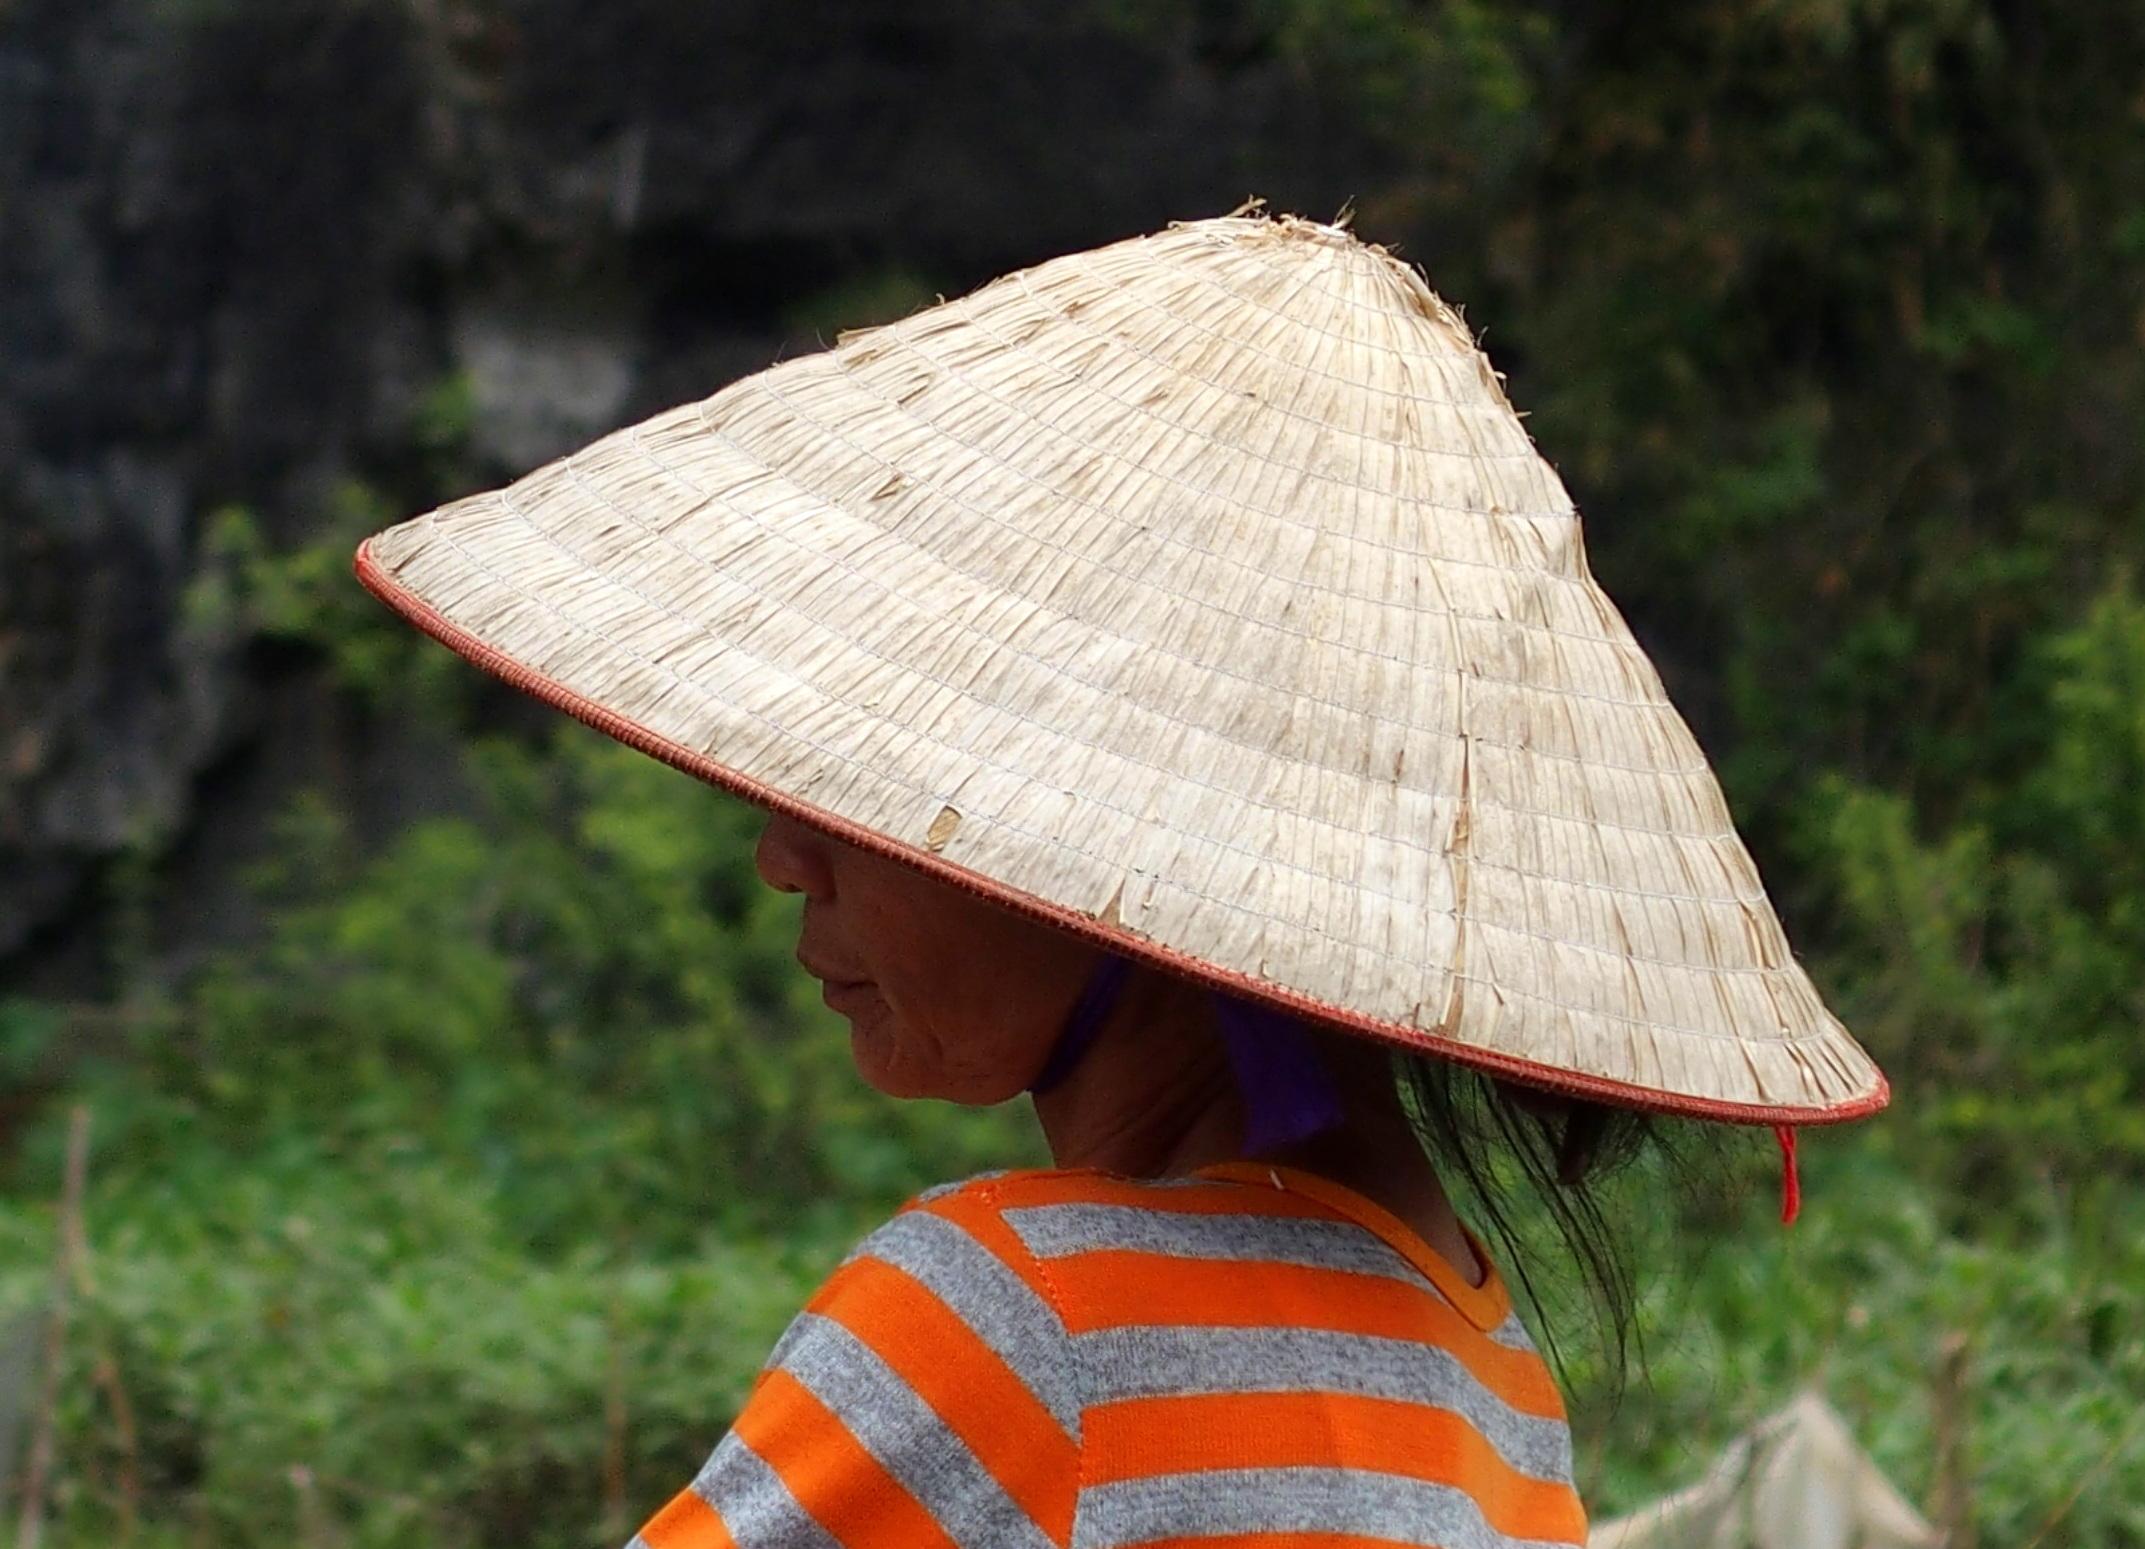 Chapeau conique souvenirs du Vietnam Ninh Binh.